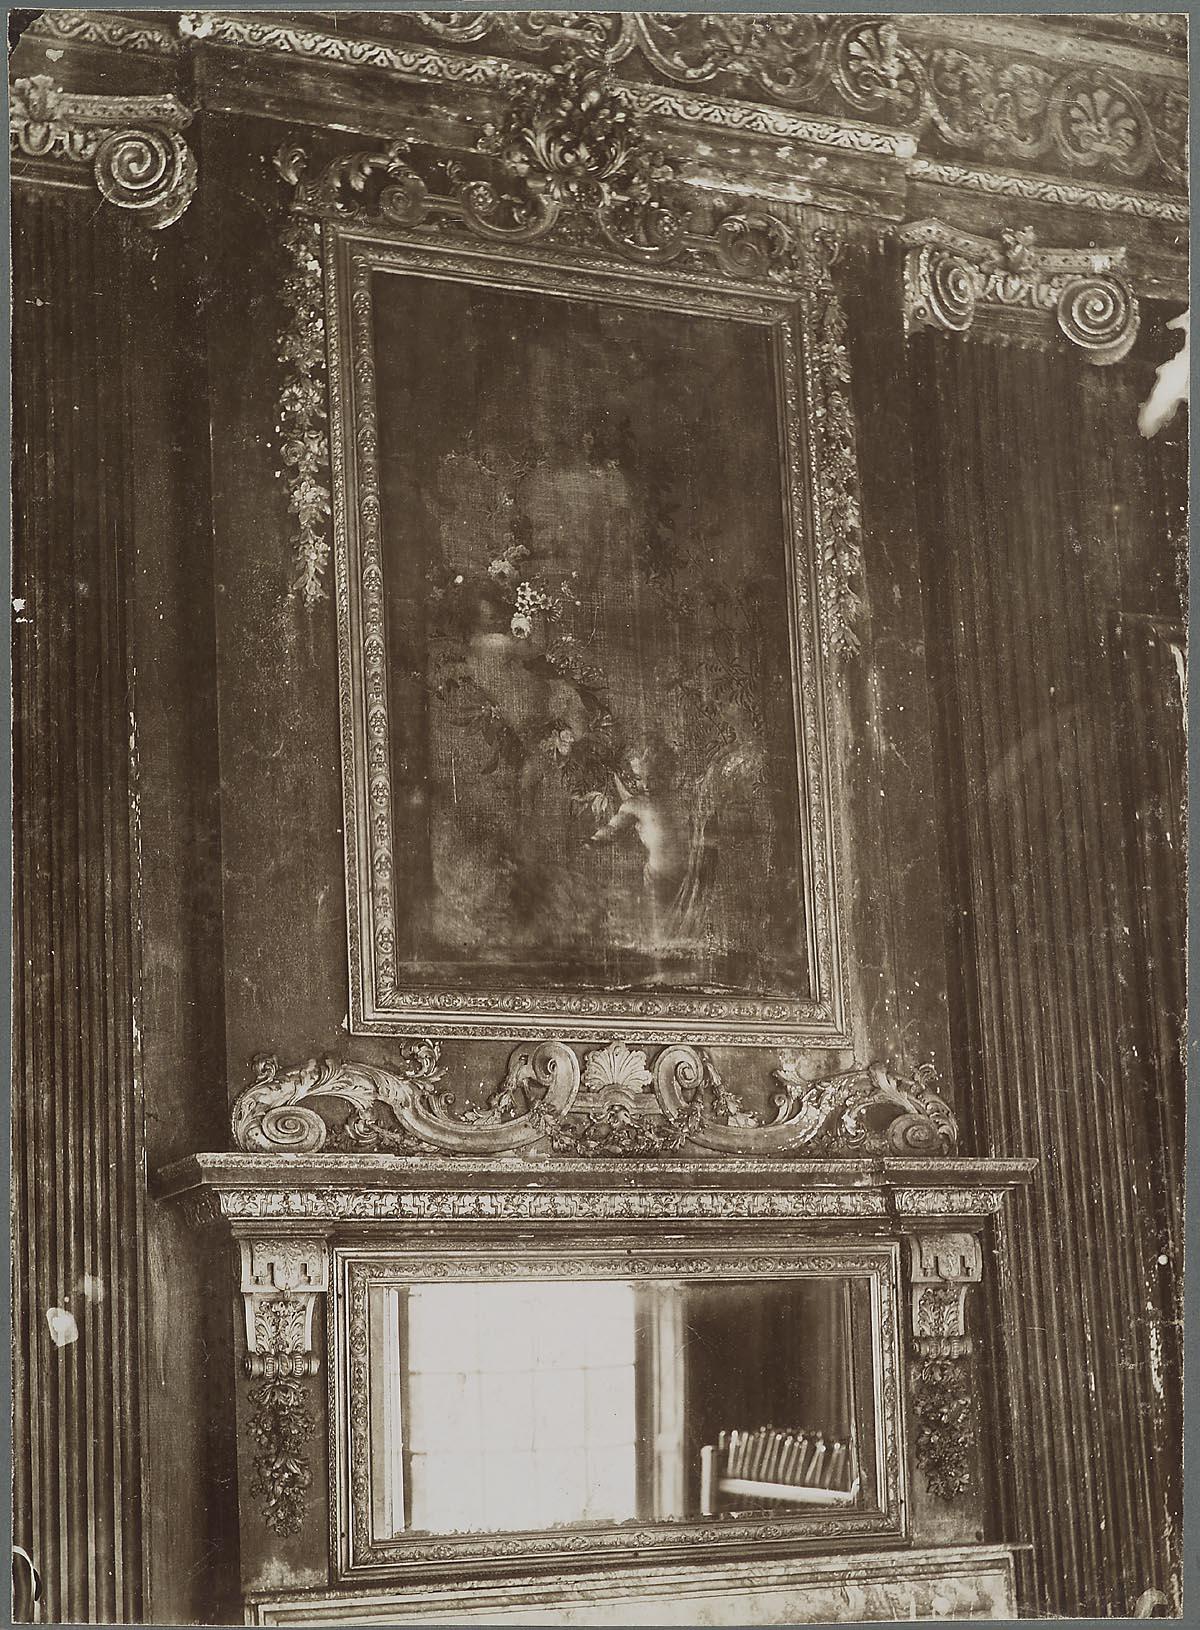 s-Gravenhage: Noordeinde 140; Interieur schilderij en spiegel in ...